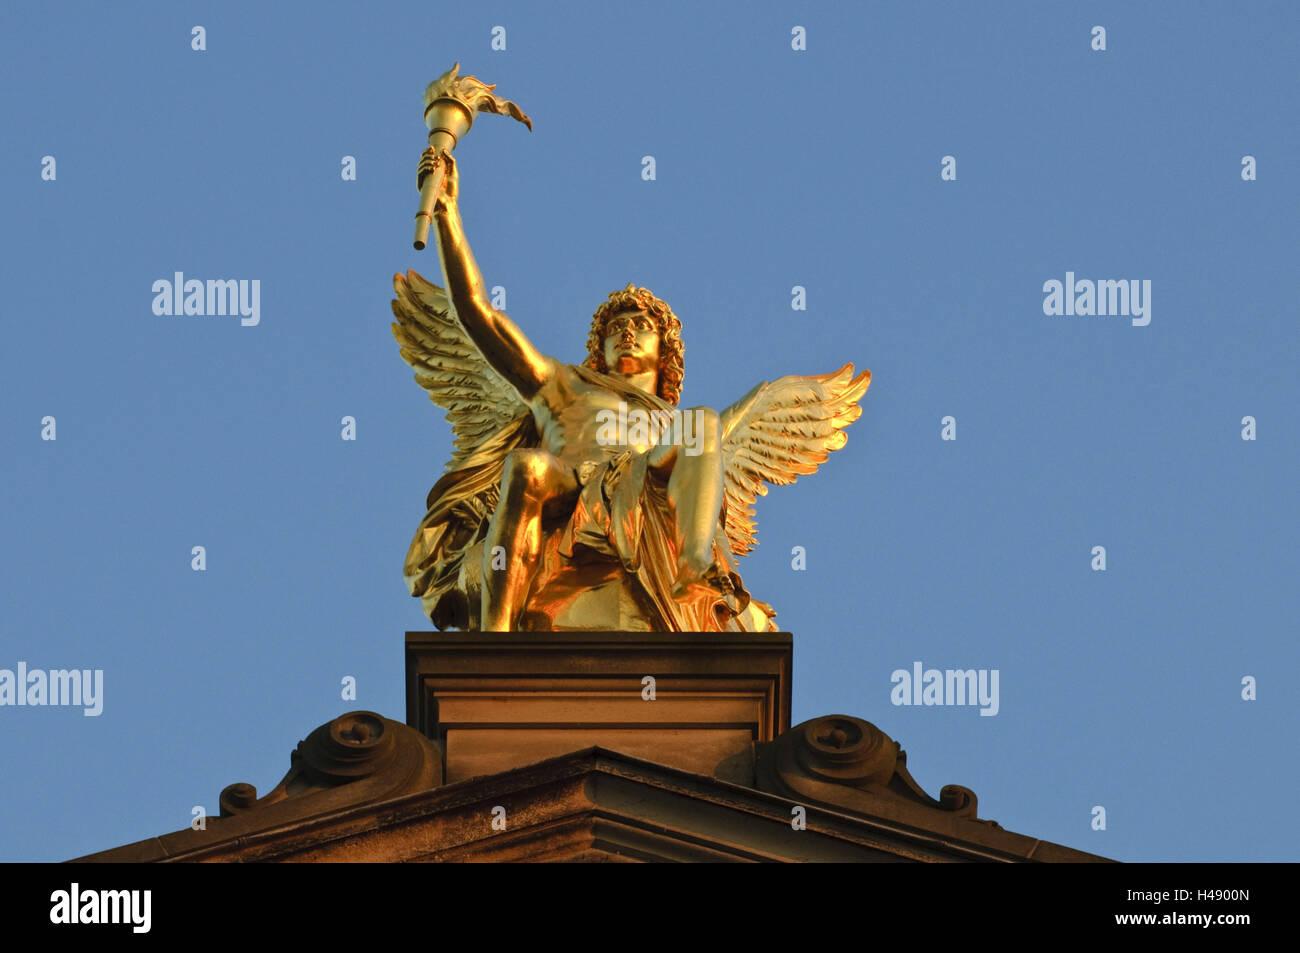 Detailansicht der Akademie der Künste, Goldener Engel, Dresden, Sachsen, Deutschland Stockbild